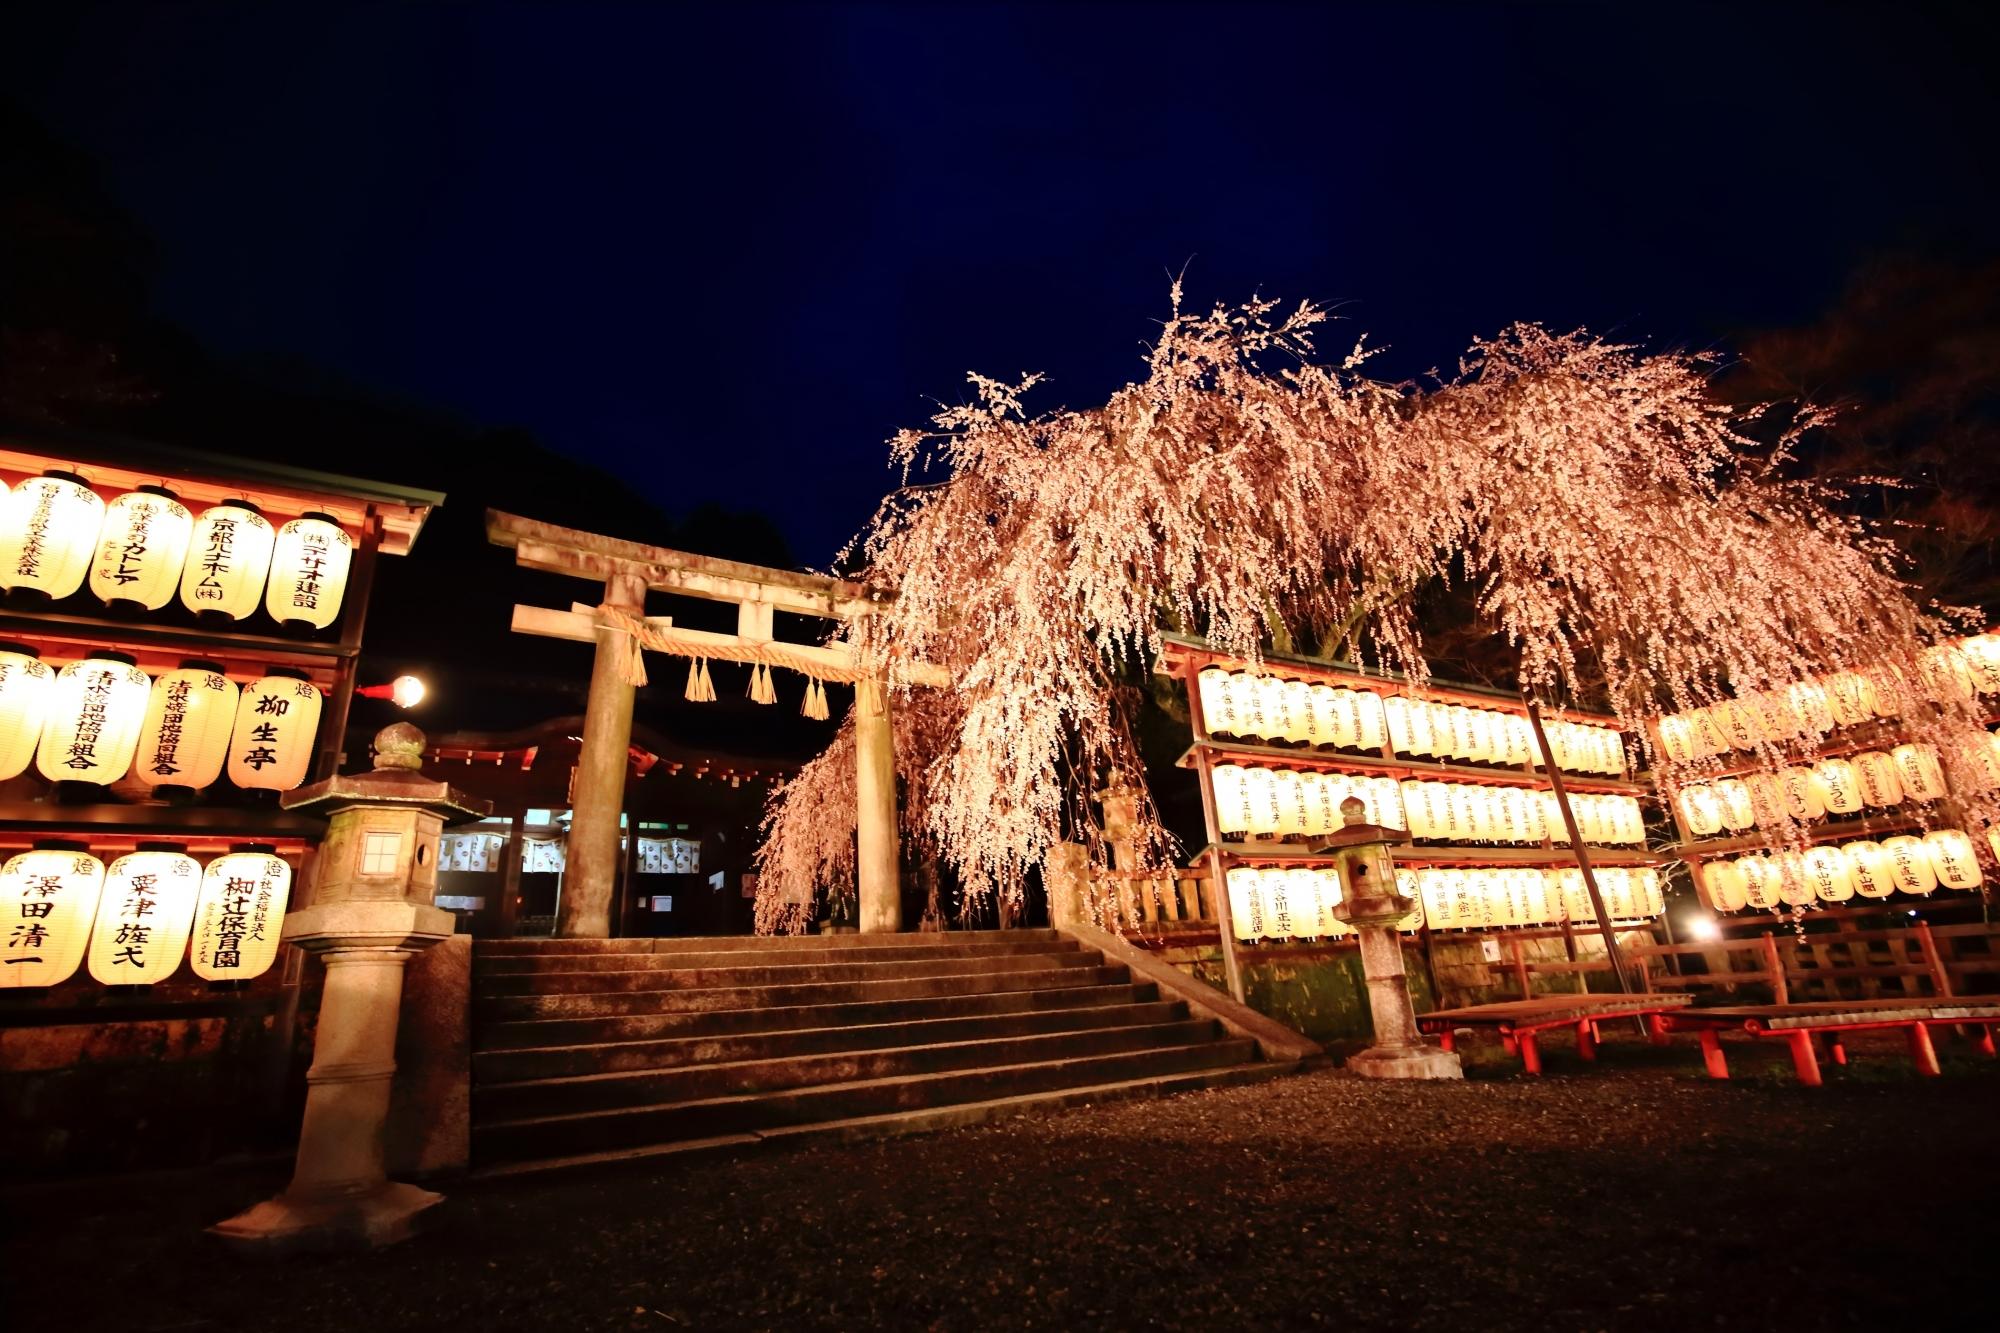 素晴らしい大石神社の夜桜ライトアップと情景